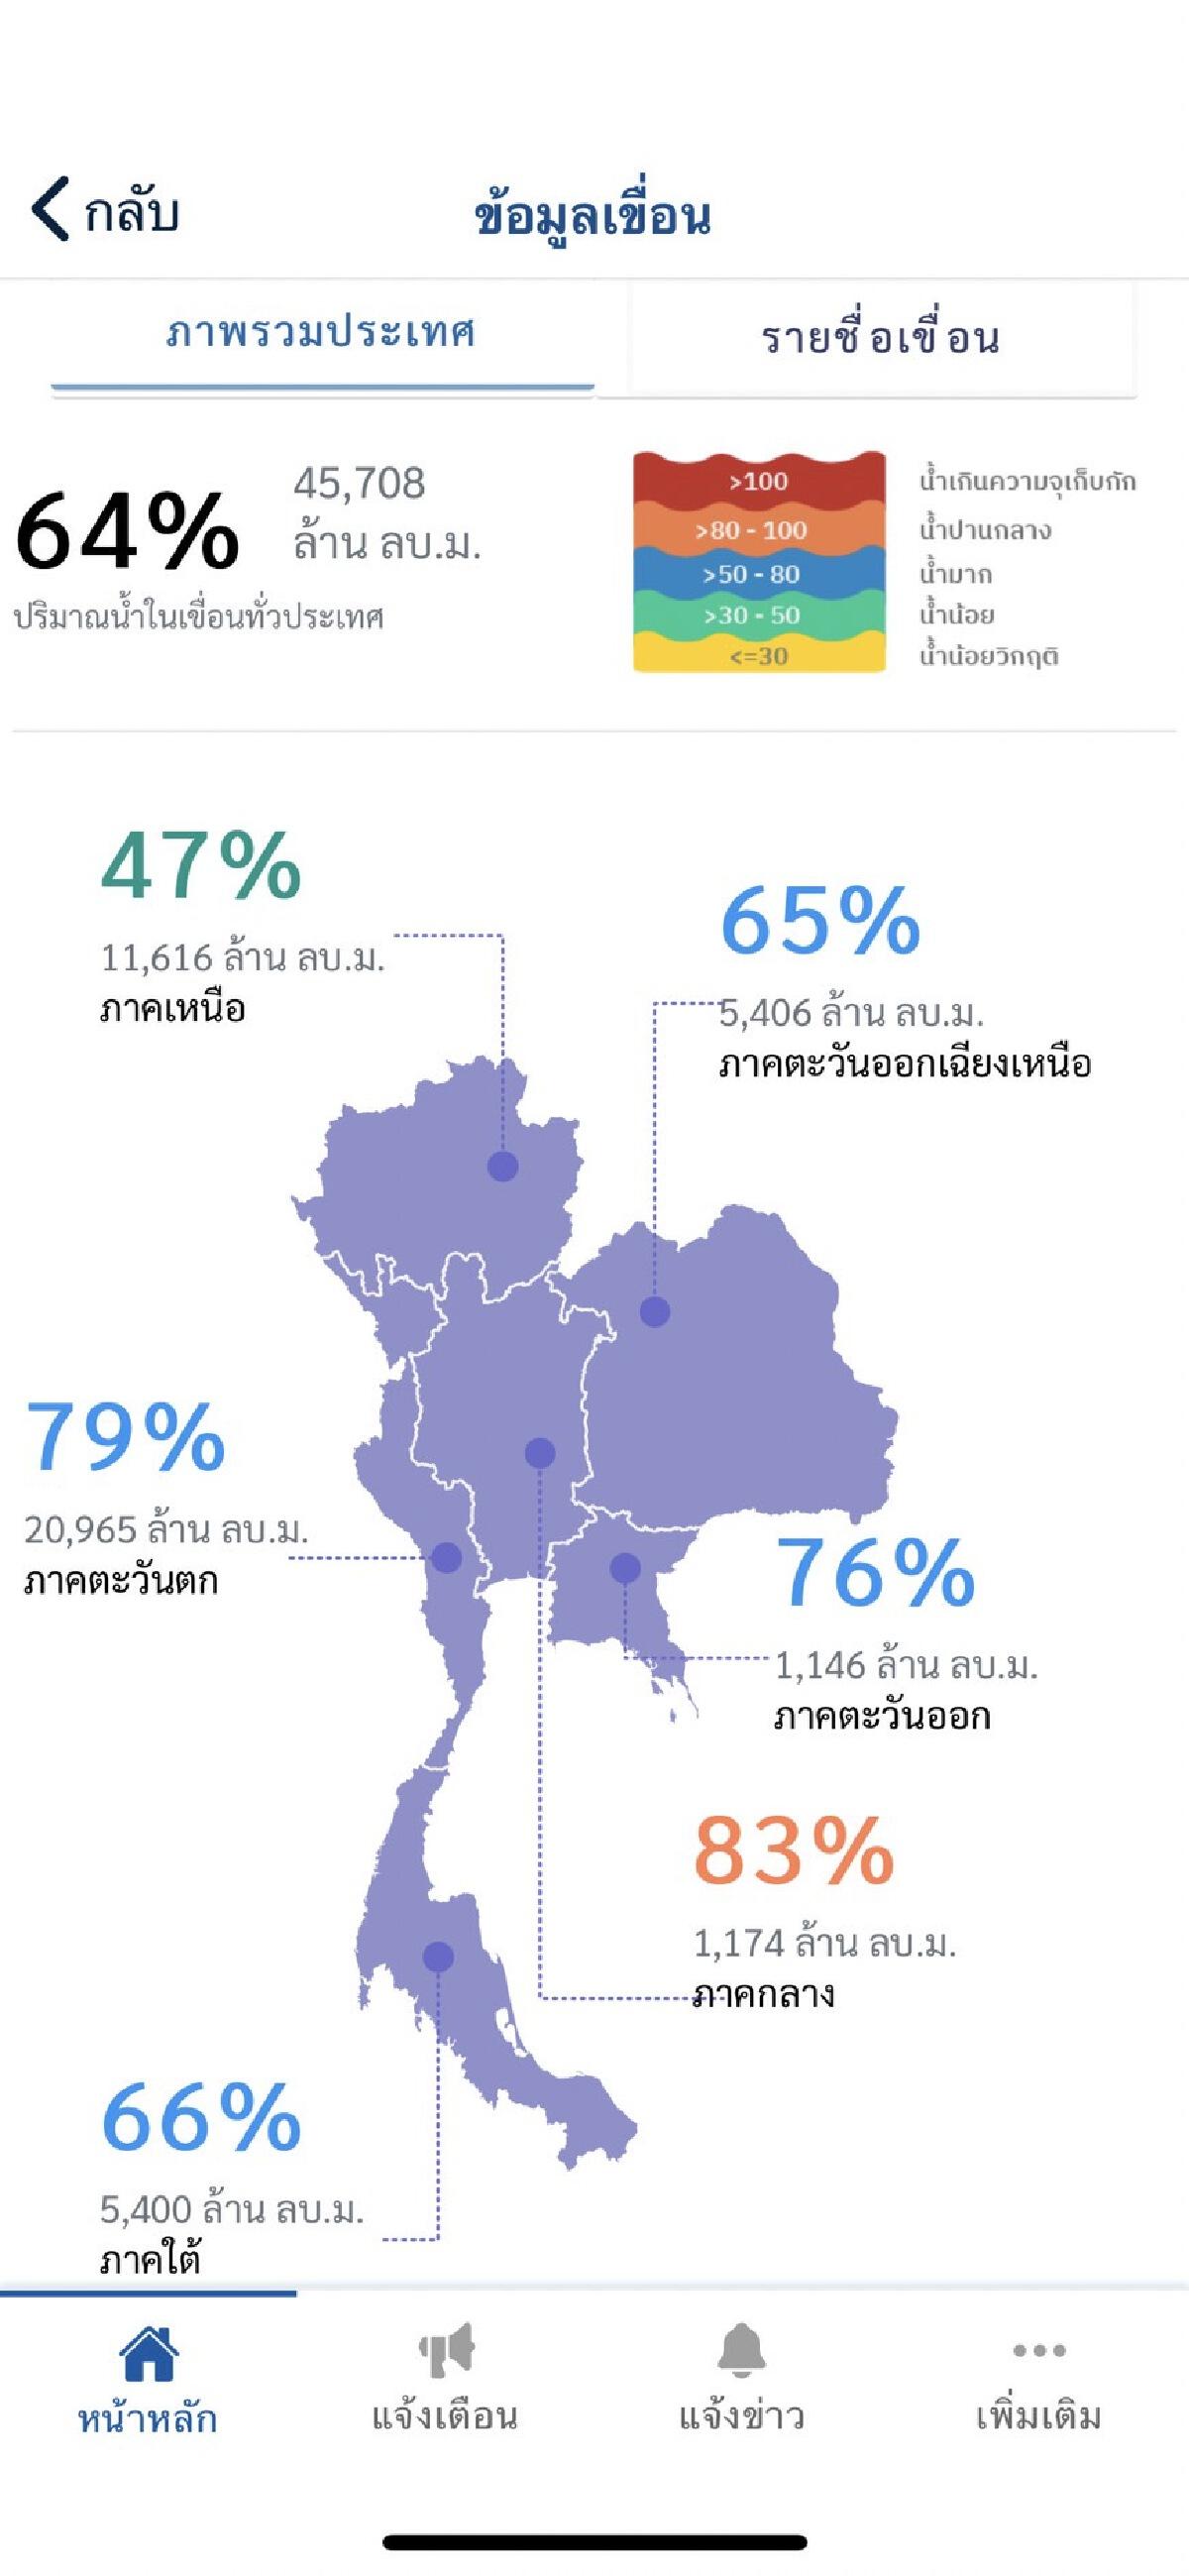 ข้อมูลเขื่อนในแอป Thai DisAster Alert